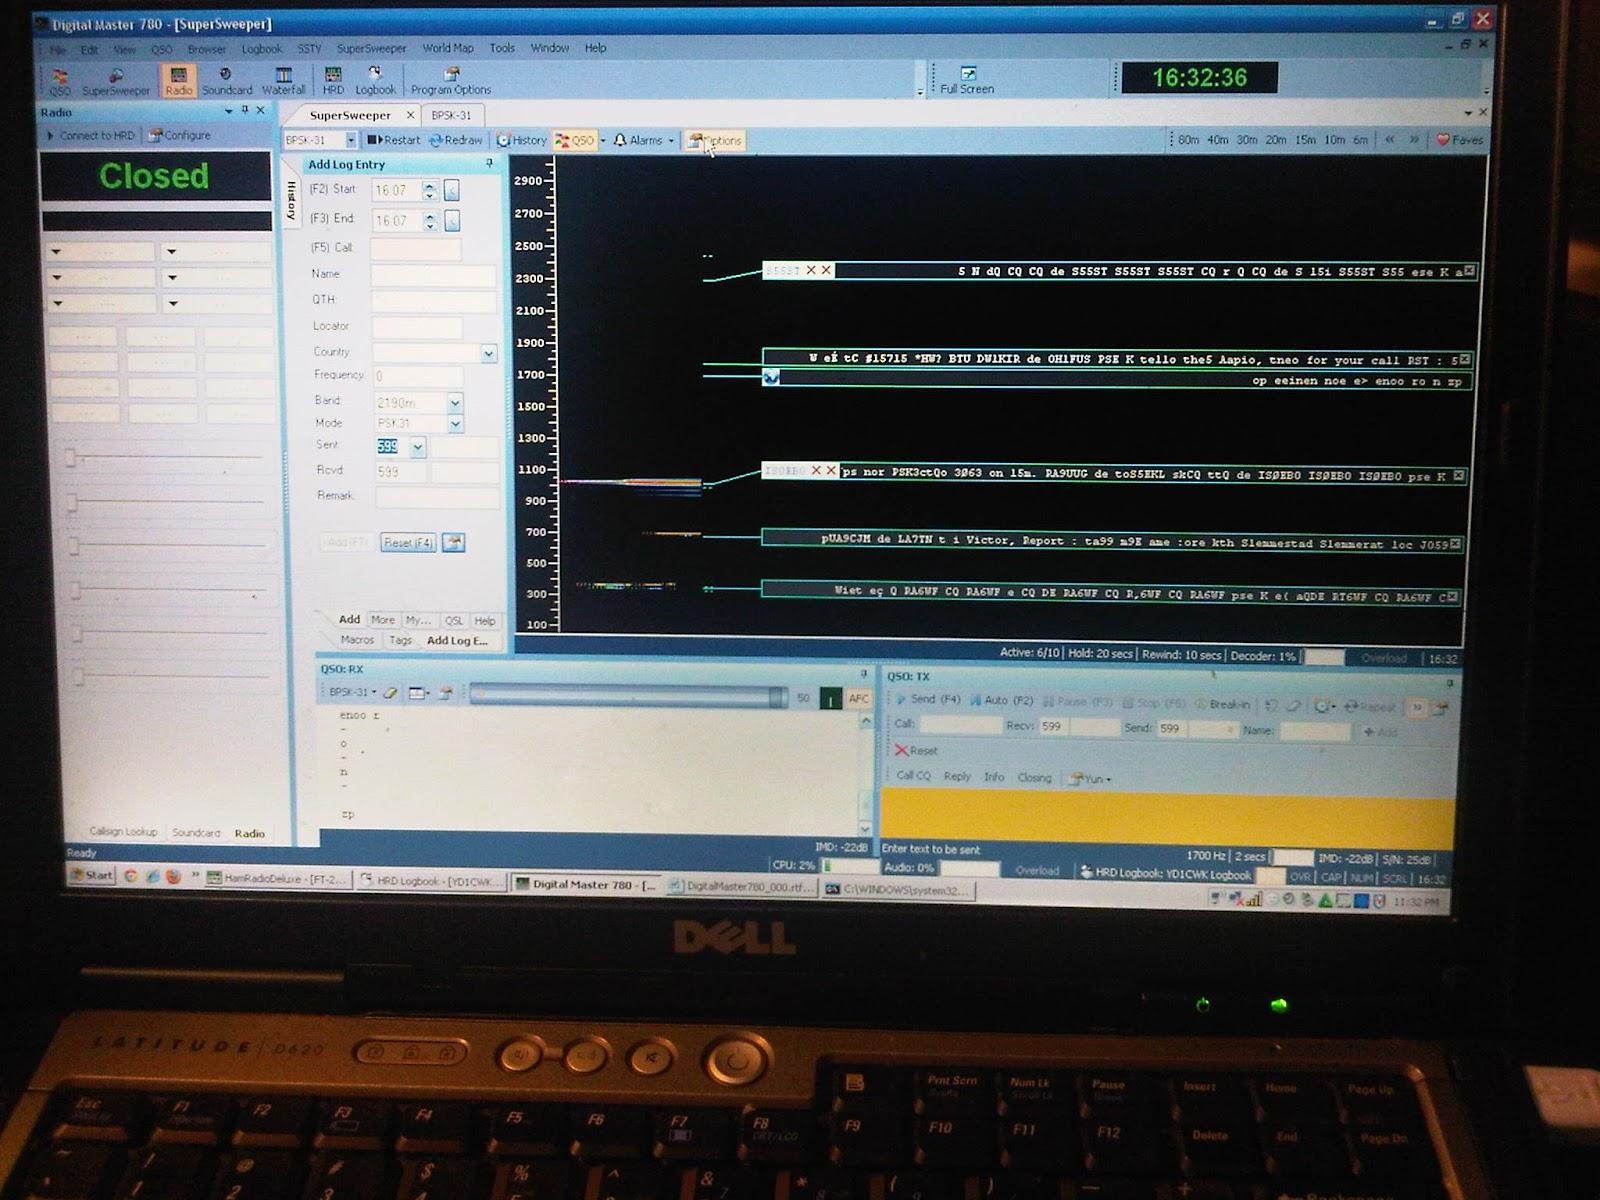 Masih di cari problemnya kenapa dengan Software DM780 radio tidak dapat berkomunikasi langsung via CAT line Sehingga untuk saat ini update Logbooknya masih